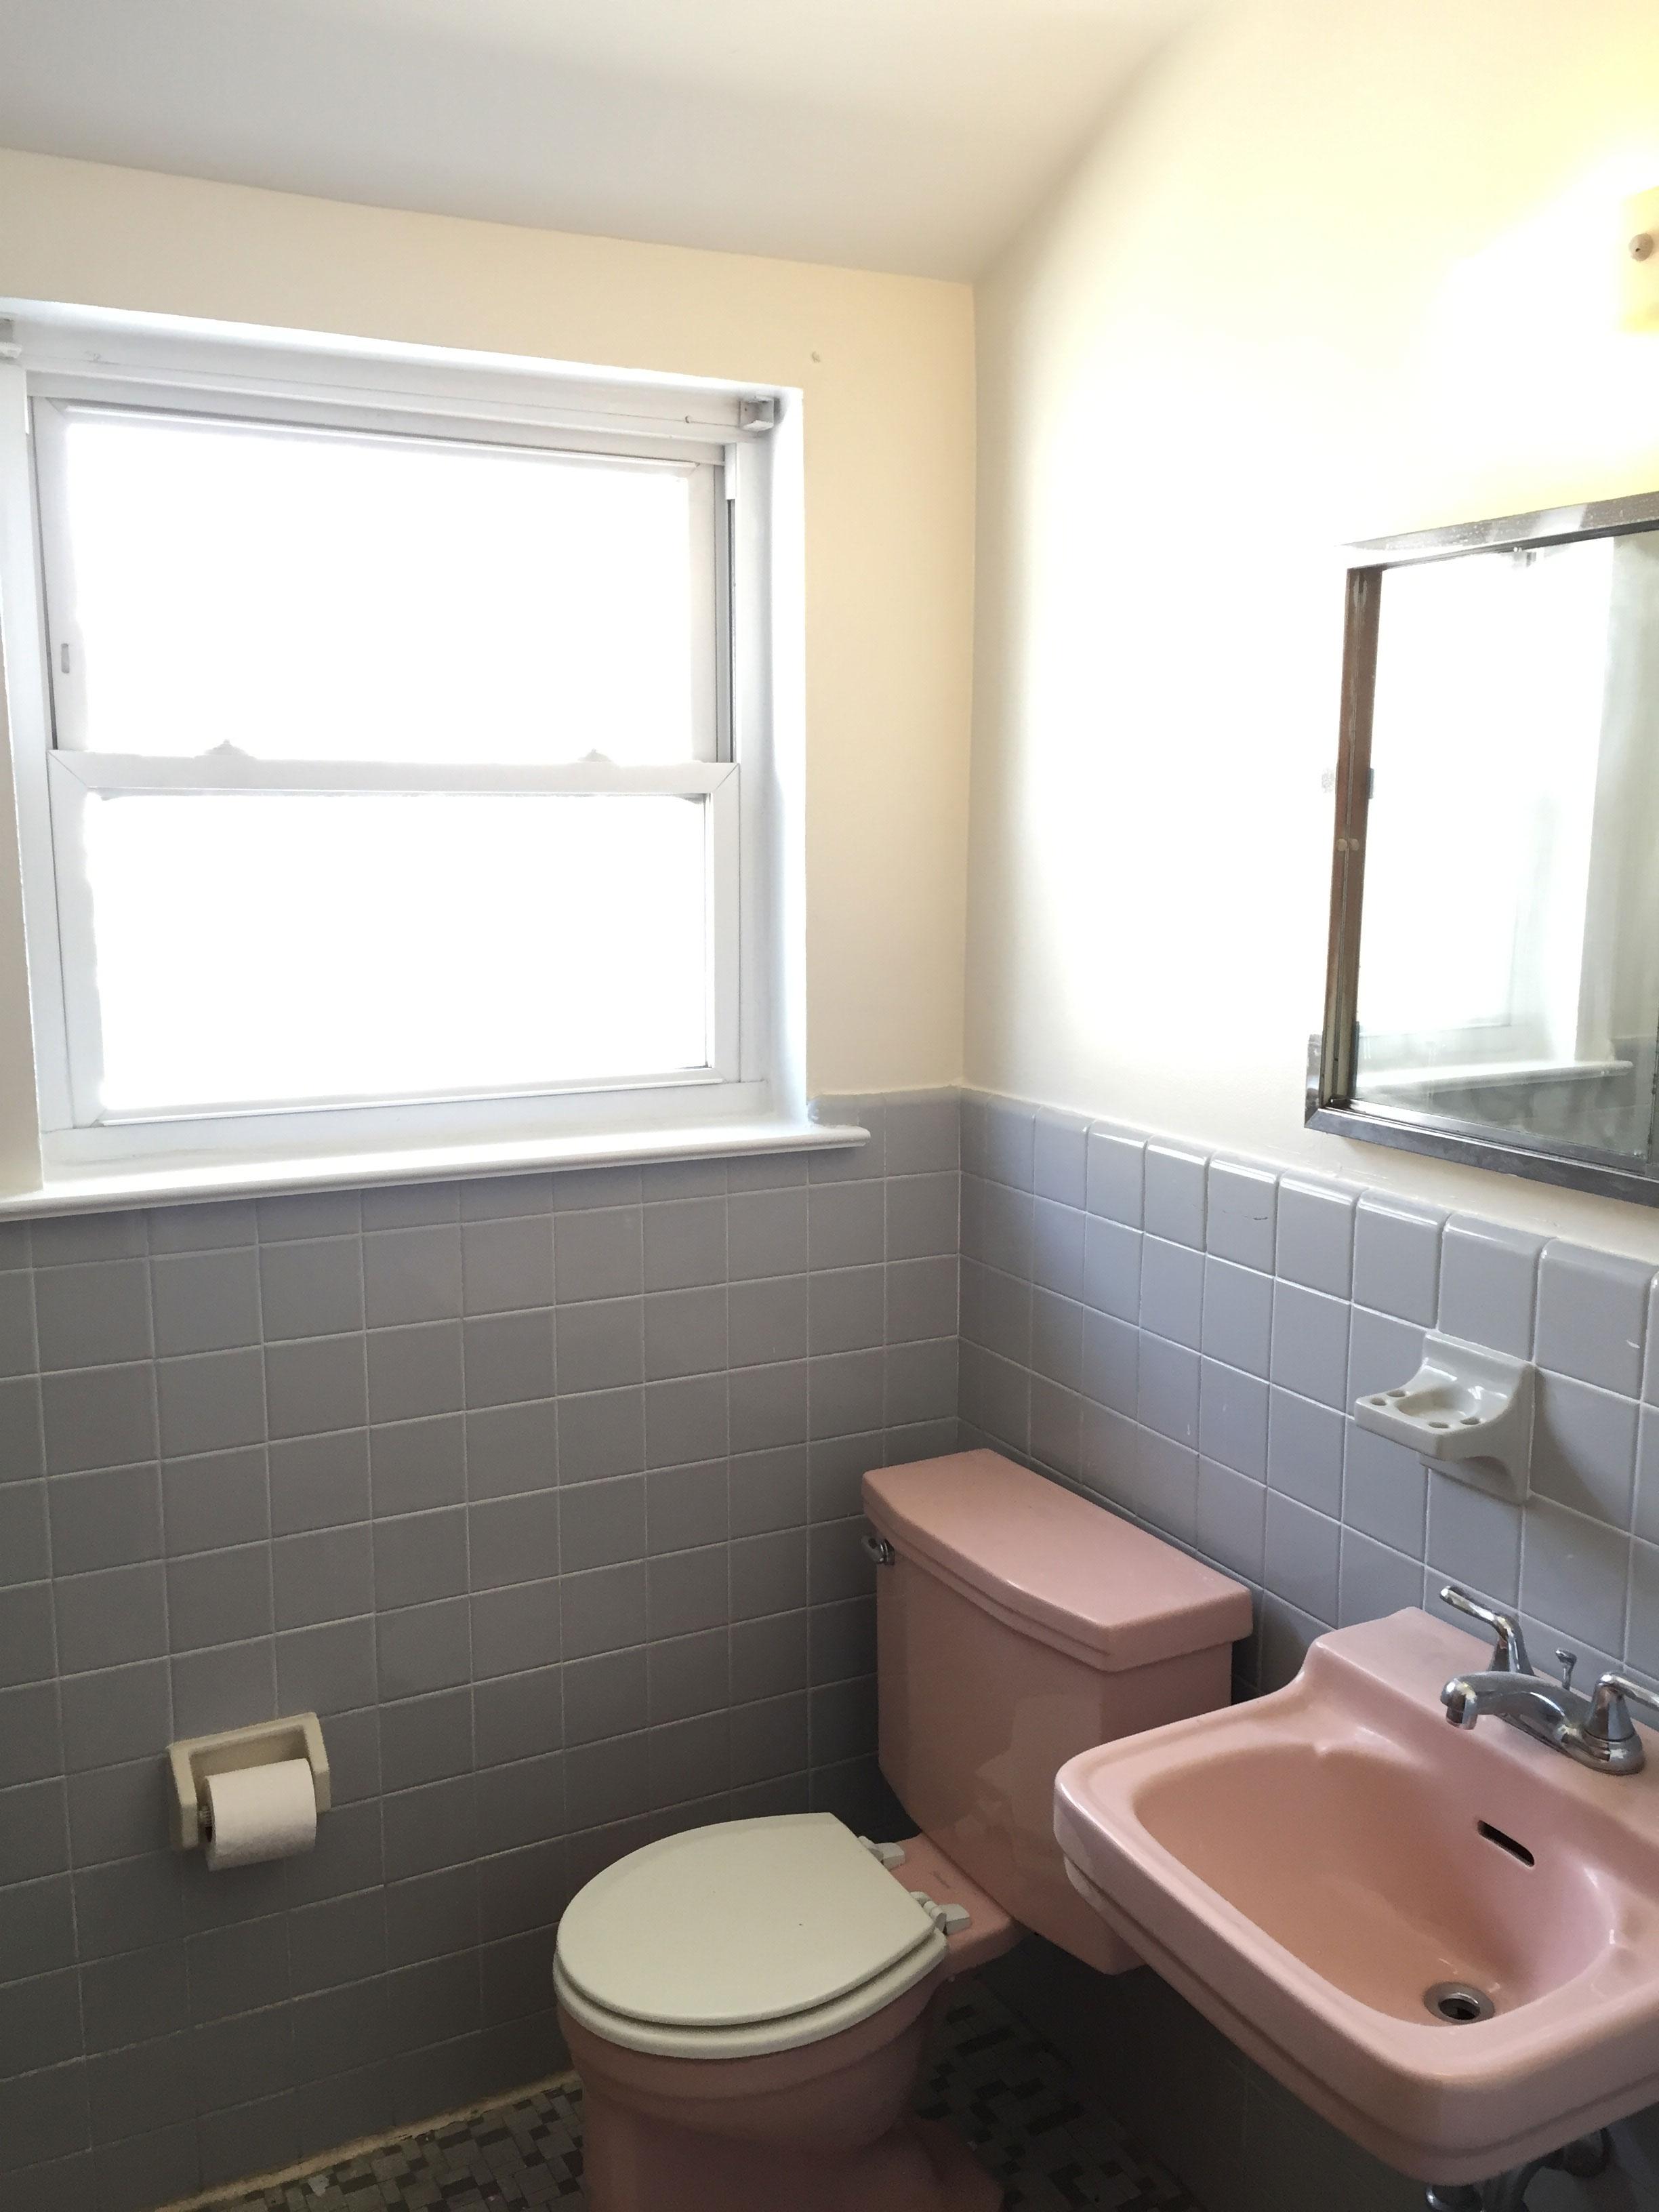 237 Ardmore interior bathroom